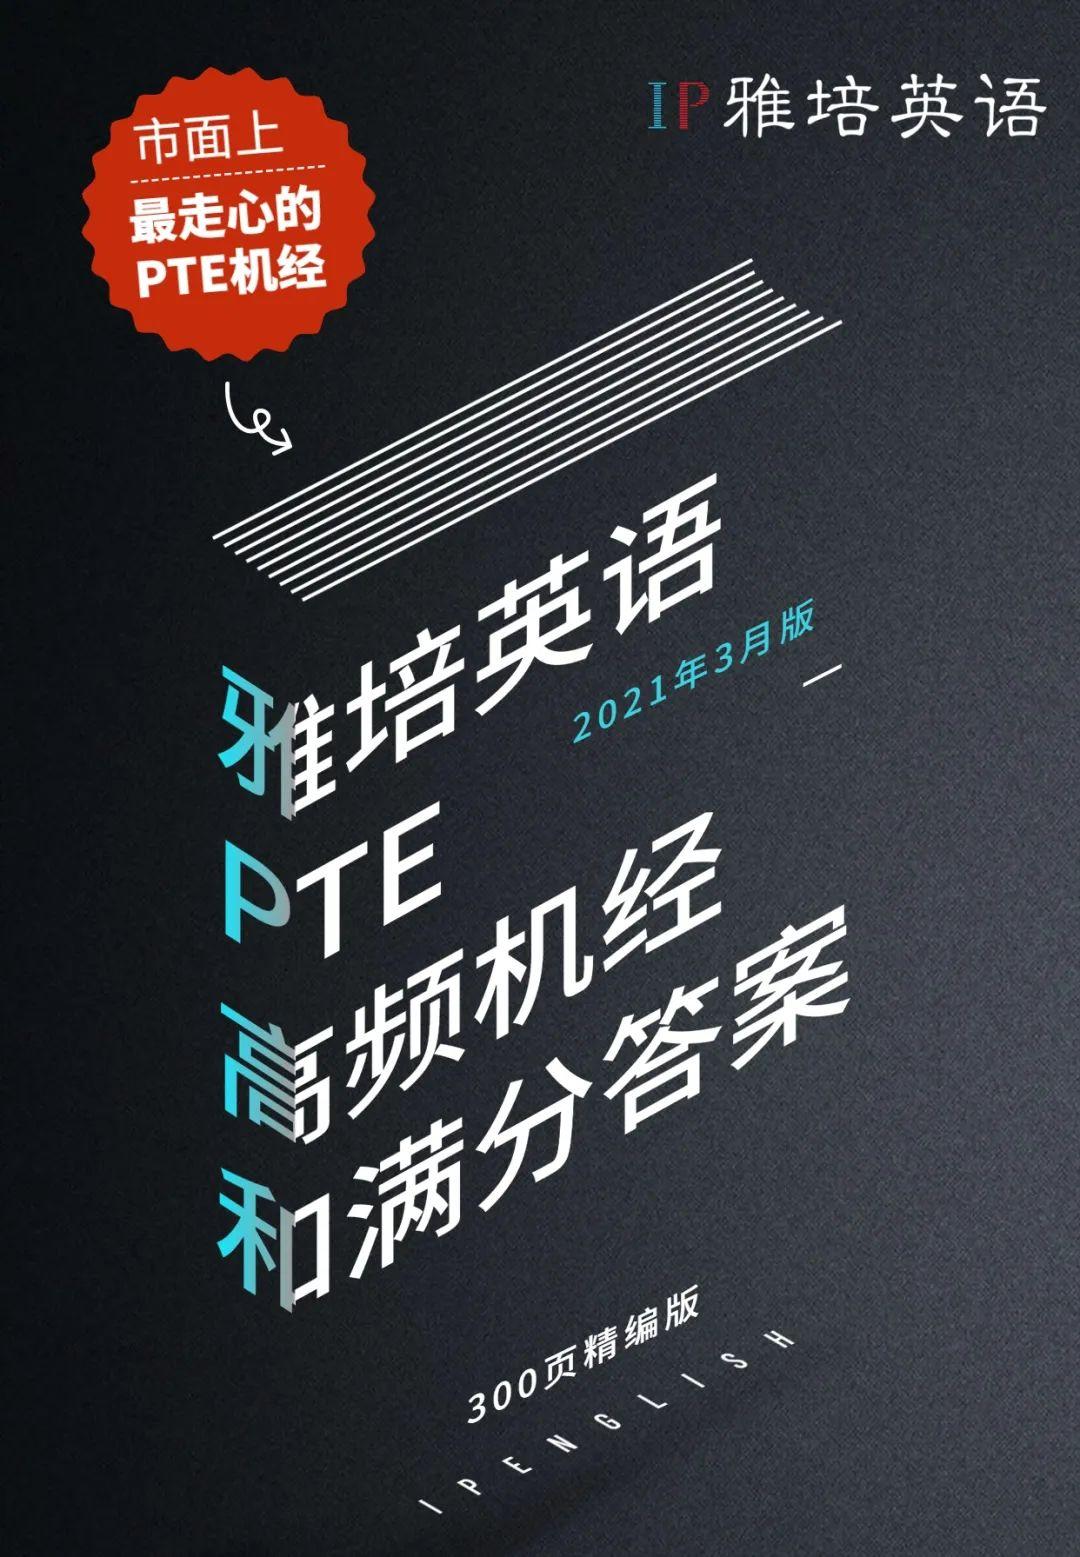 PTE单词有词汇书吗?如何能短期内背诵所有PTE词汇?